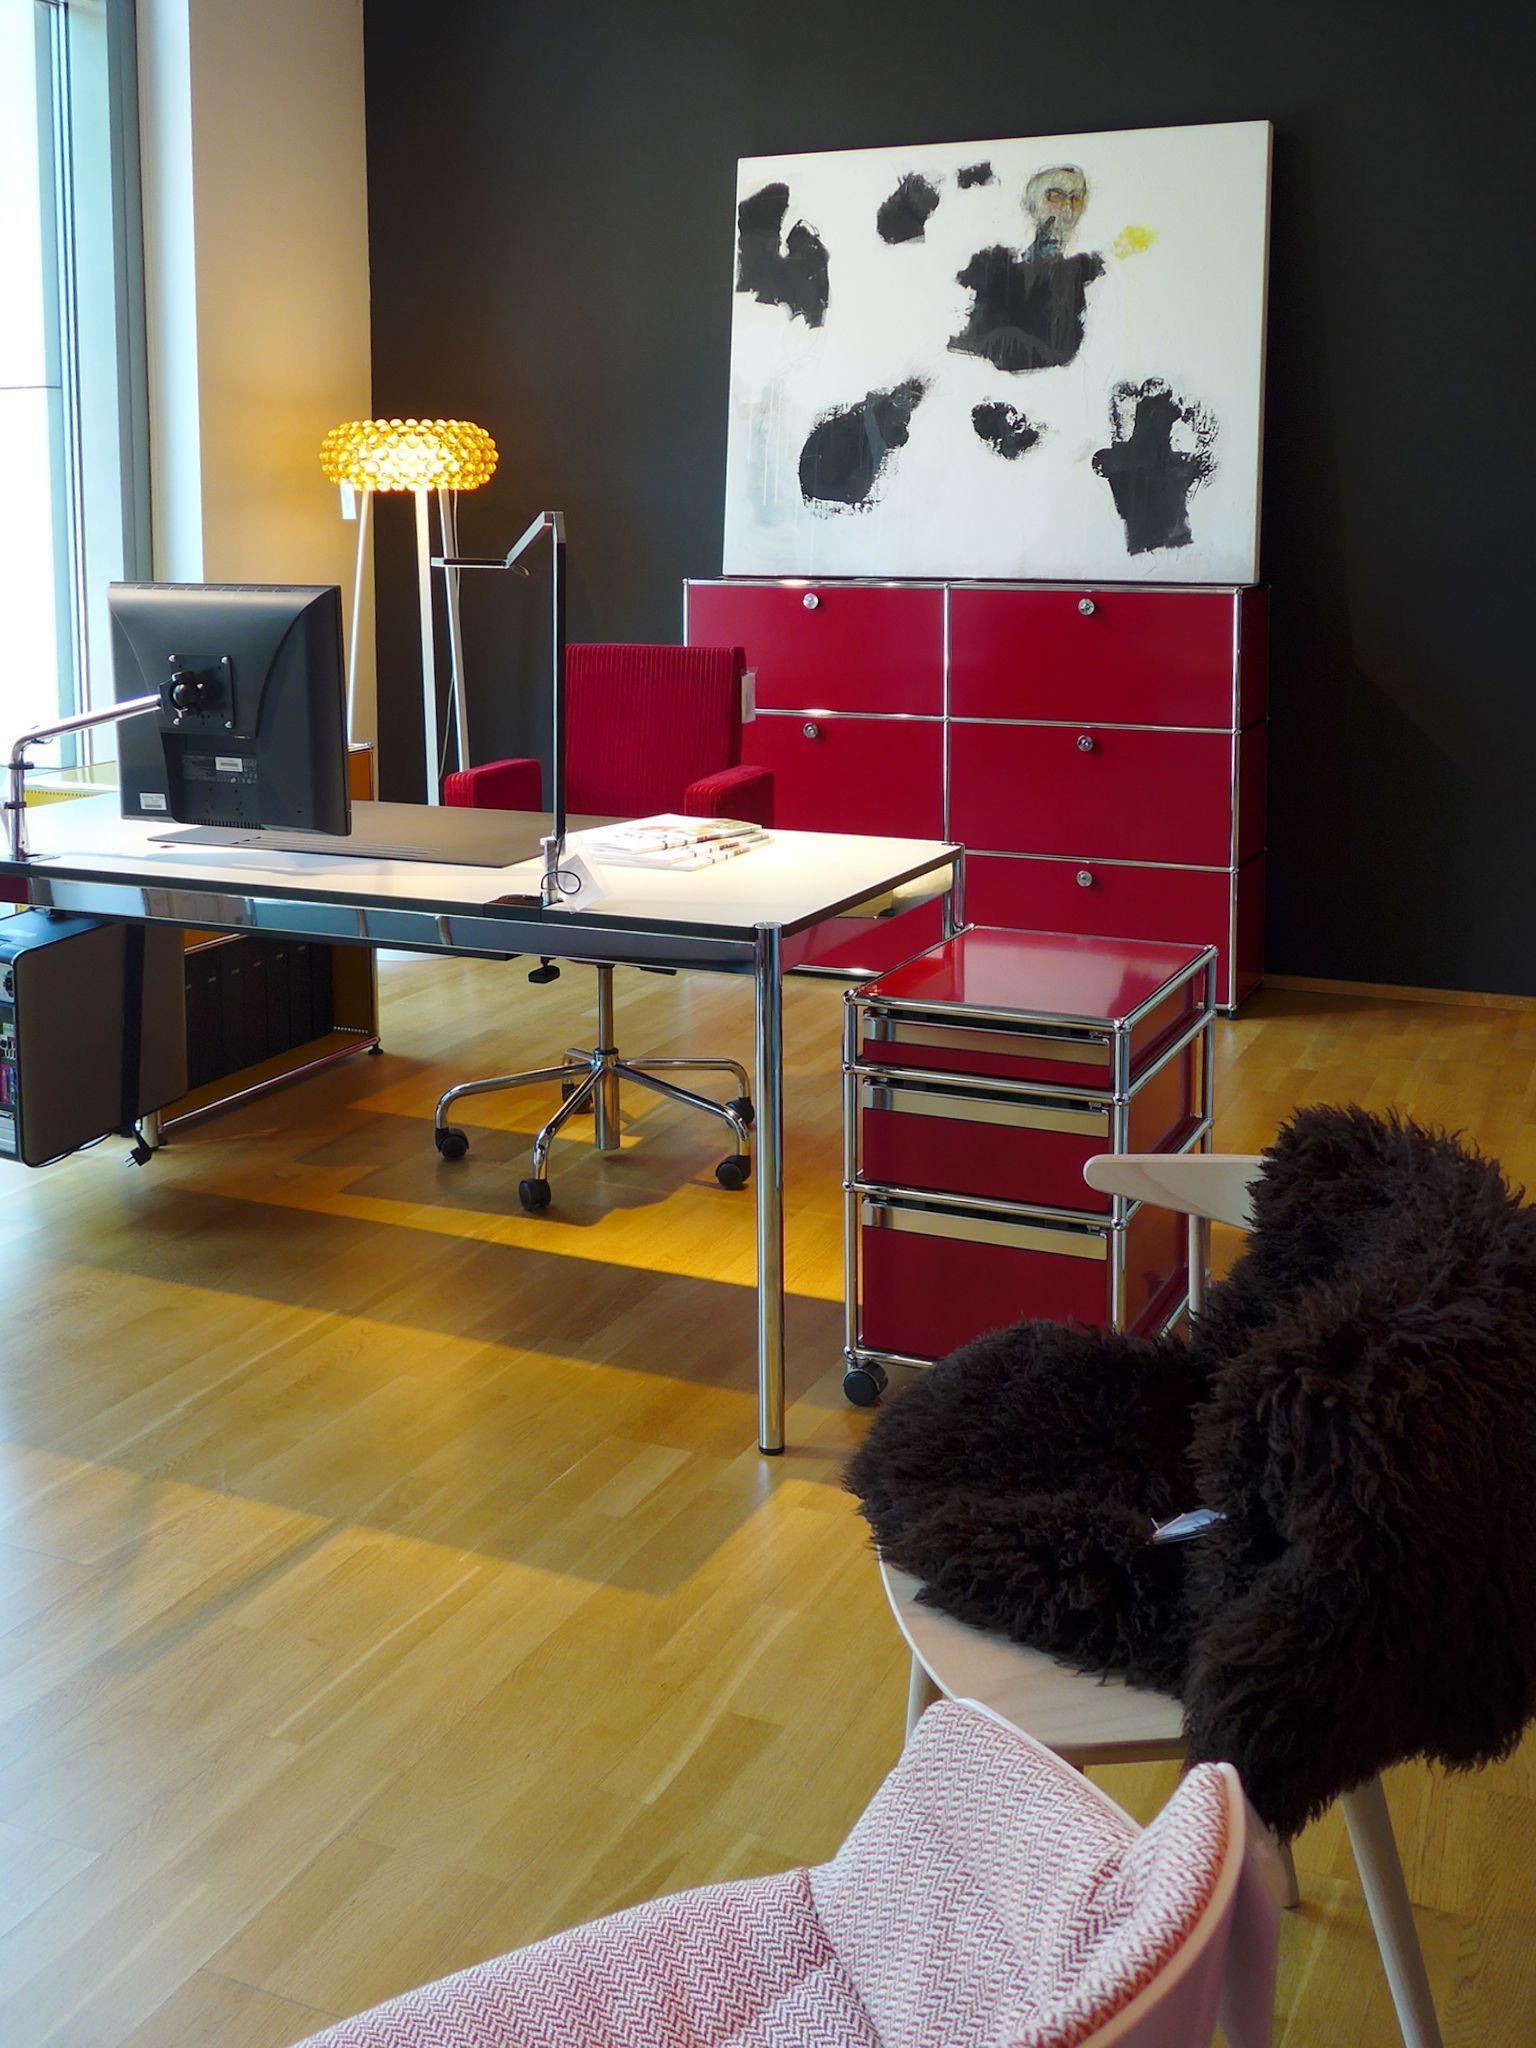 Möbel Stuttgart usm atelier exhibition at fleiner möbel stuttgart germany http